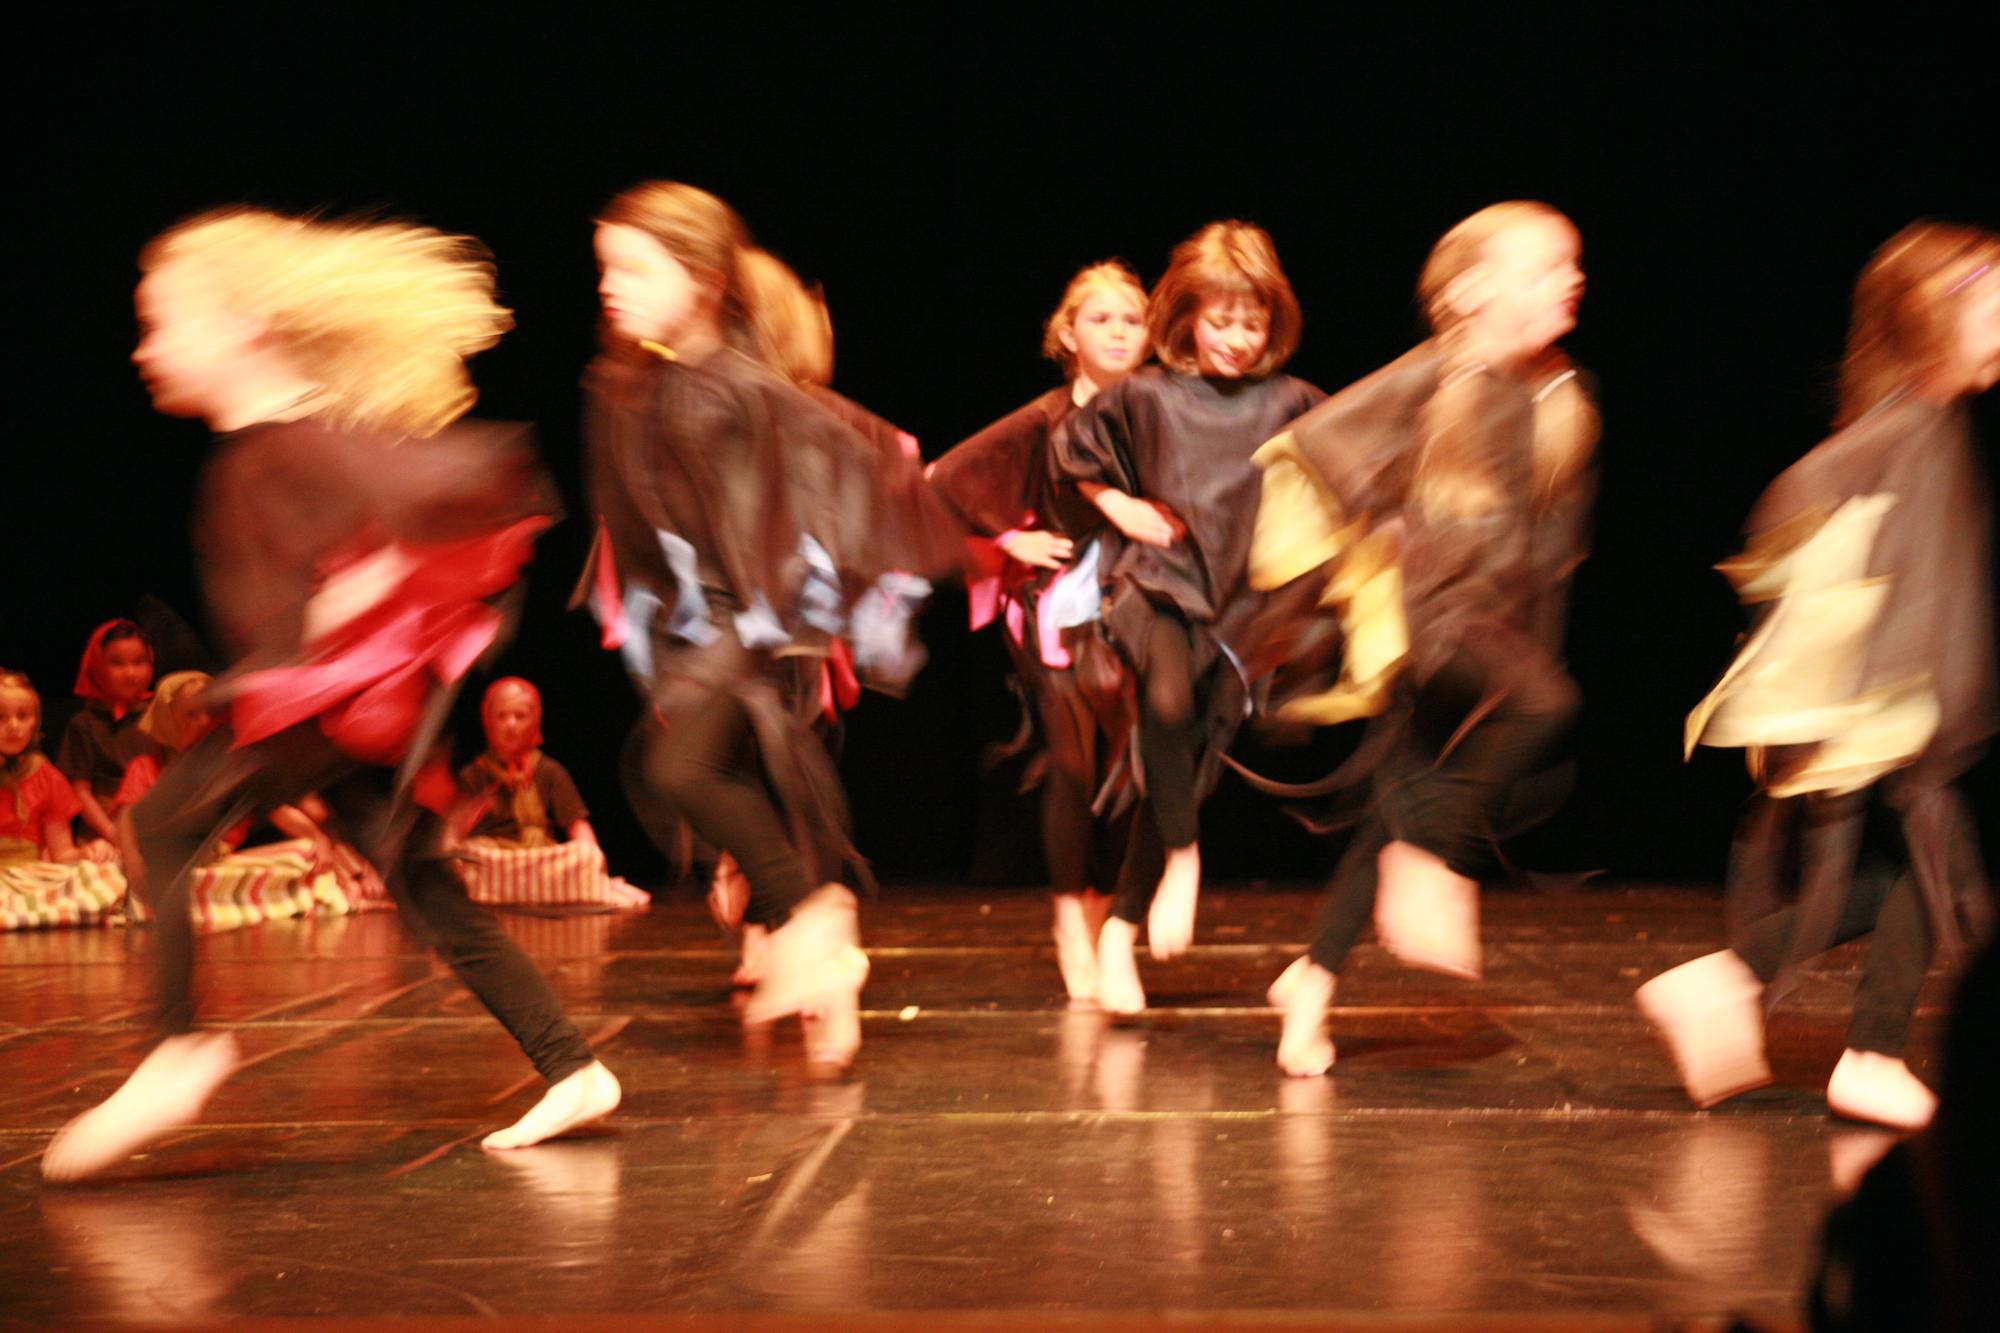 5-IMG_0253lolaroggeschule-kinderauffuehrung-diekleinehexe-herve-2006